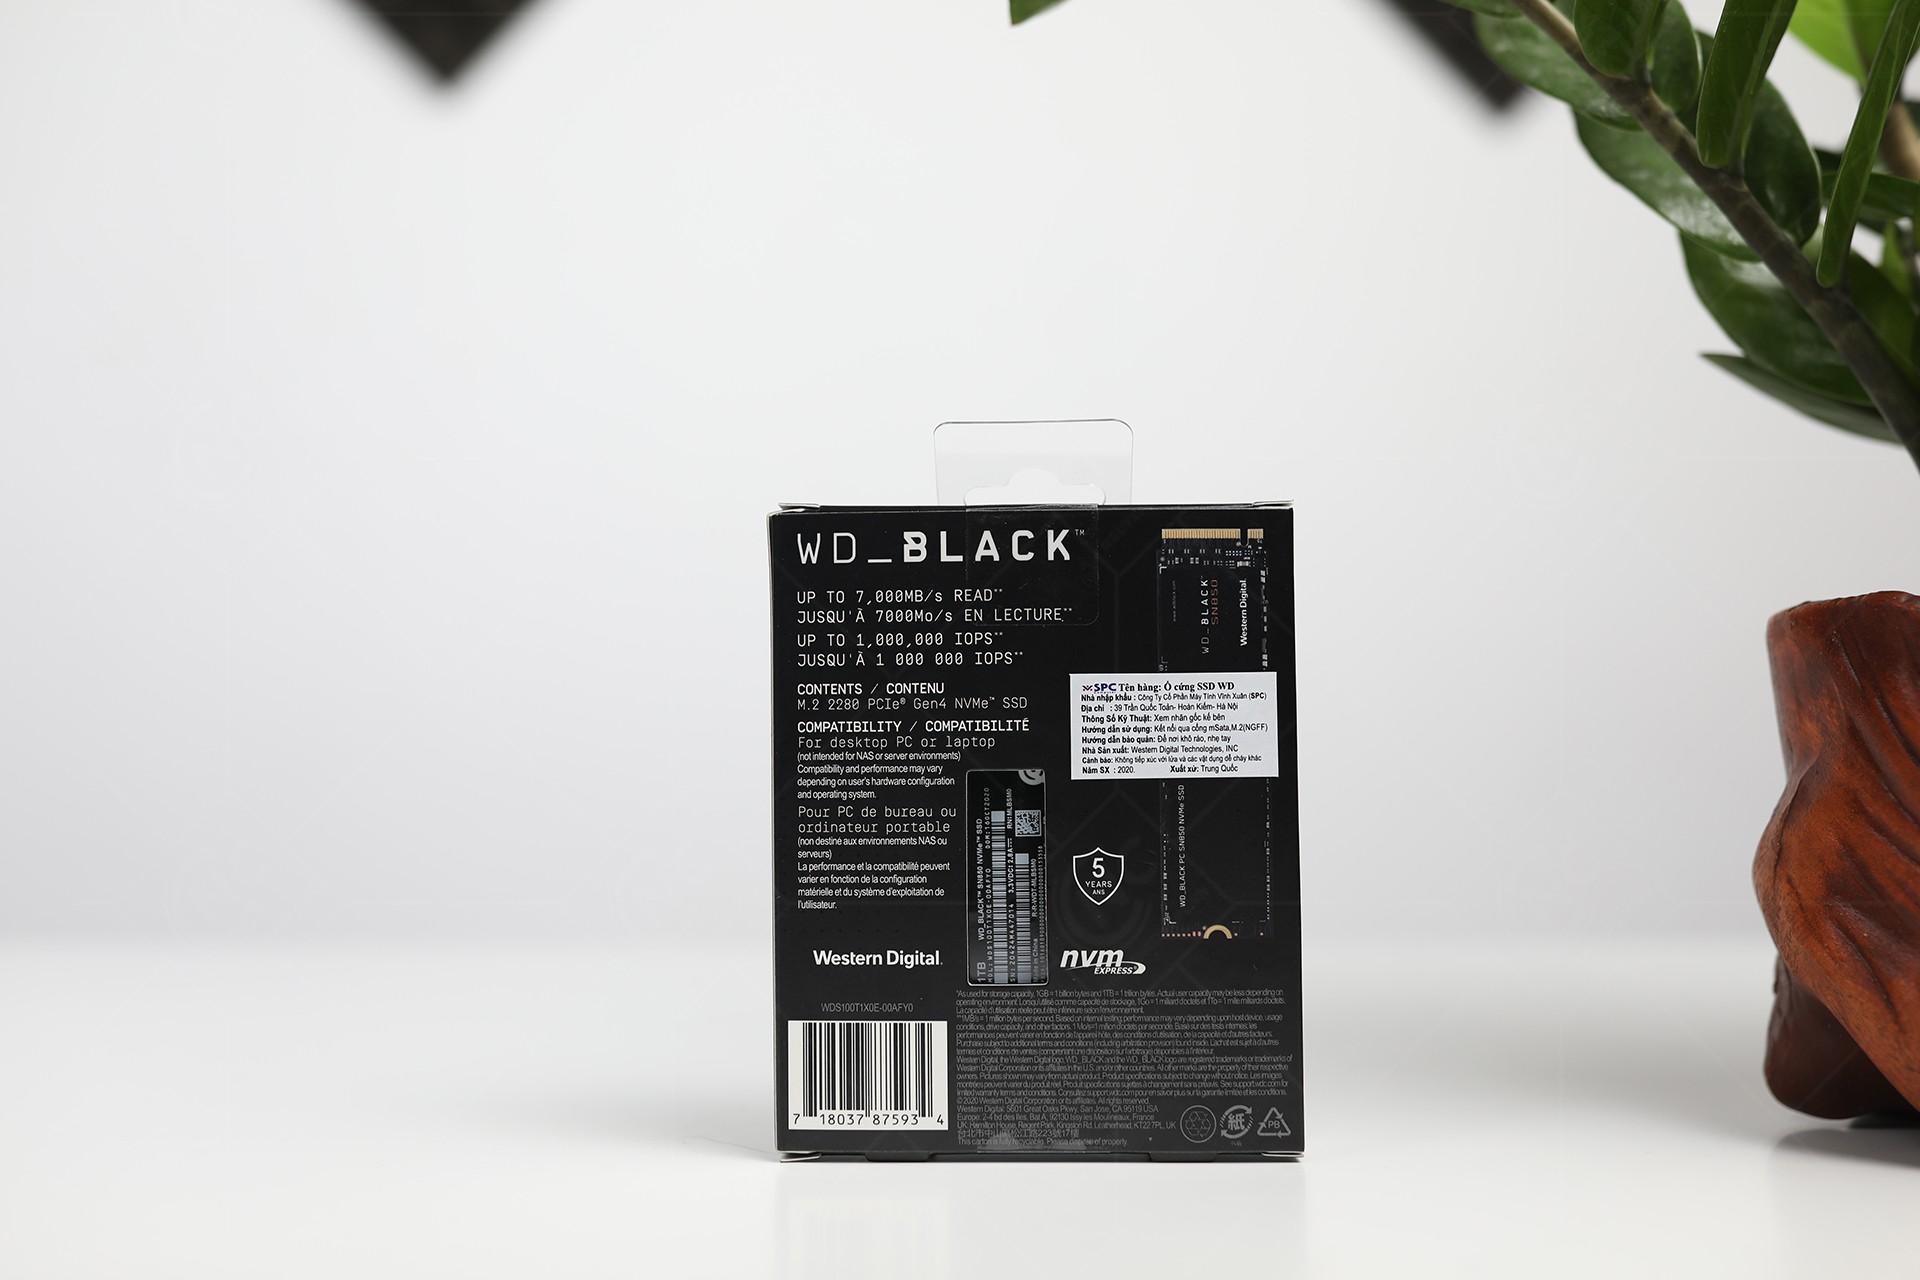 o-cung-wd-black-sn850-1tb-nvme-ssd-pcie-gen-4-m2-4